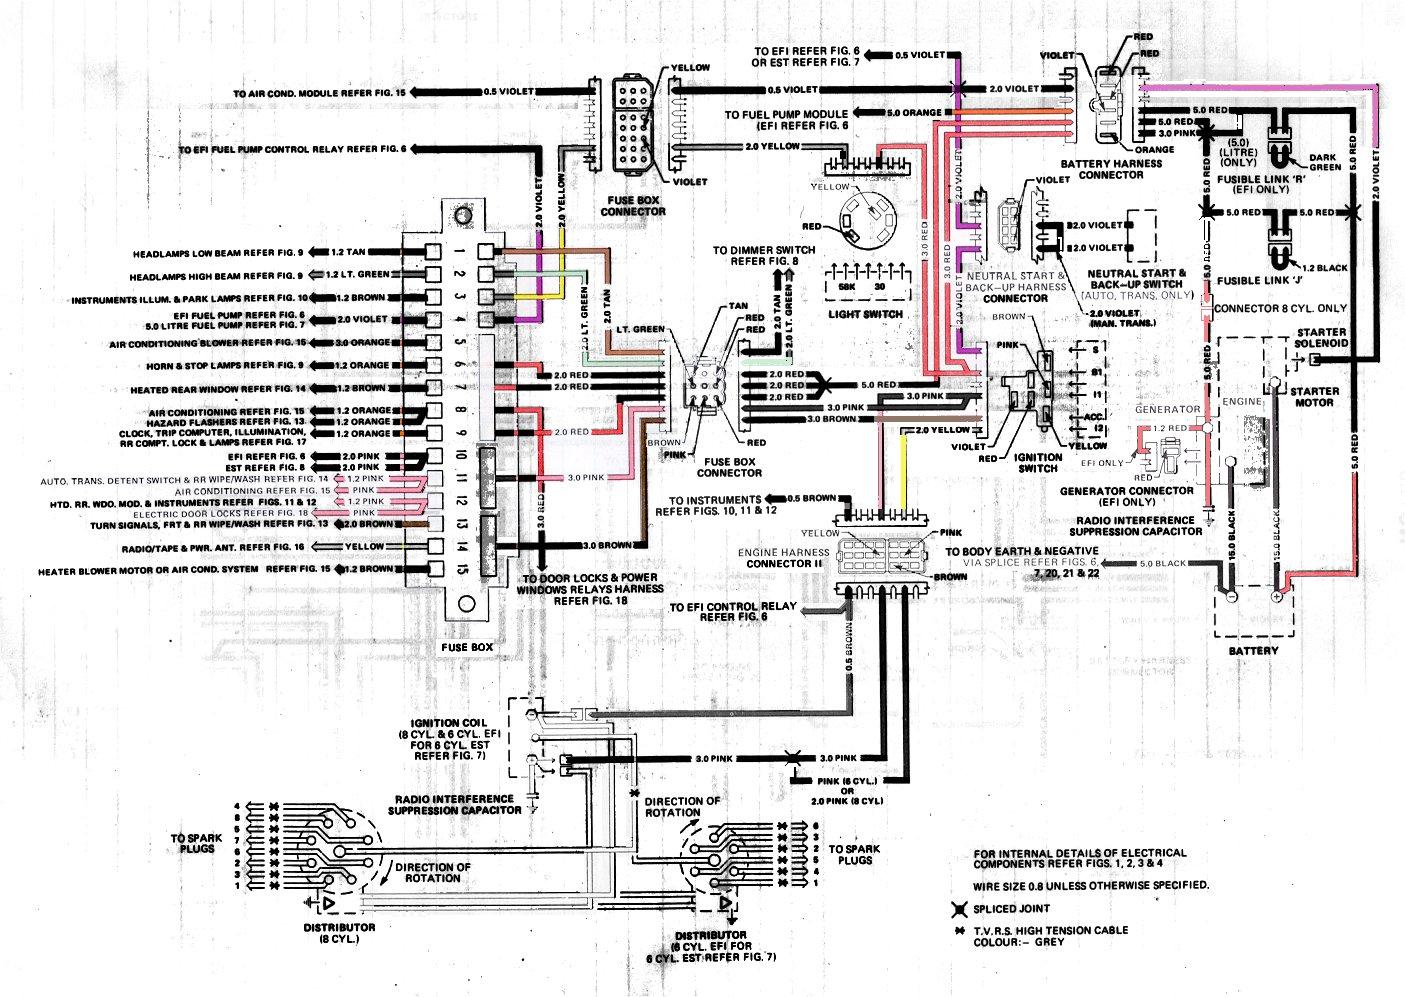 free circuit simulator download circuit construction kit free download circuit simulator free download 3d origami diagram [ 1405 x 997 Pixel ]